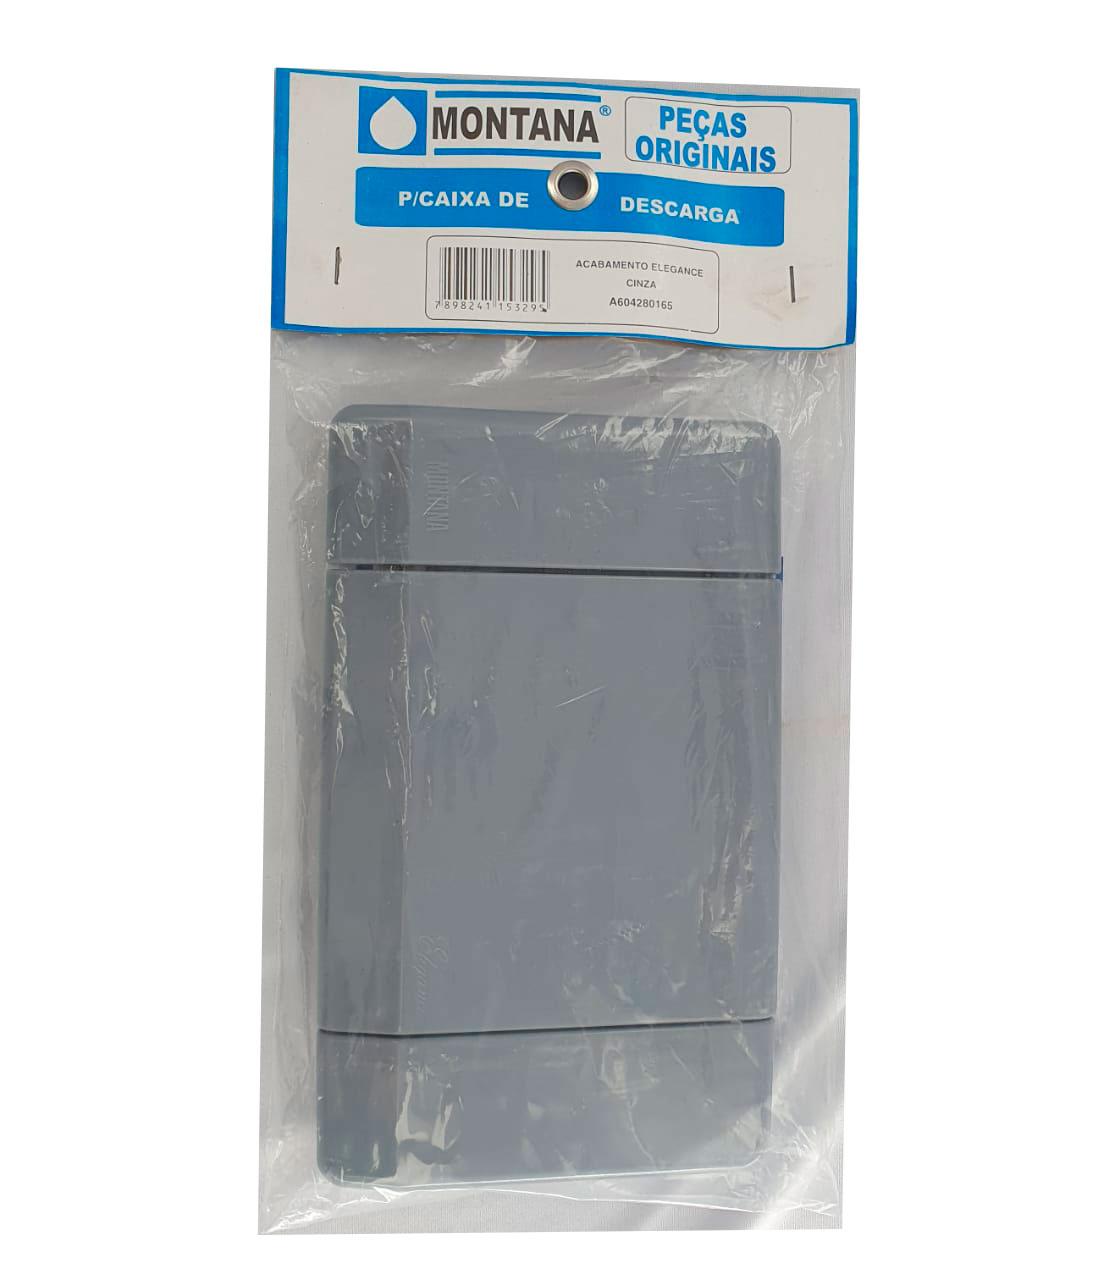 Acabamento +comando +obturador Coaxial Desc Elegance Cinza Montana